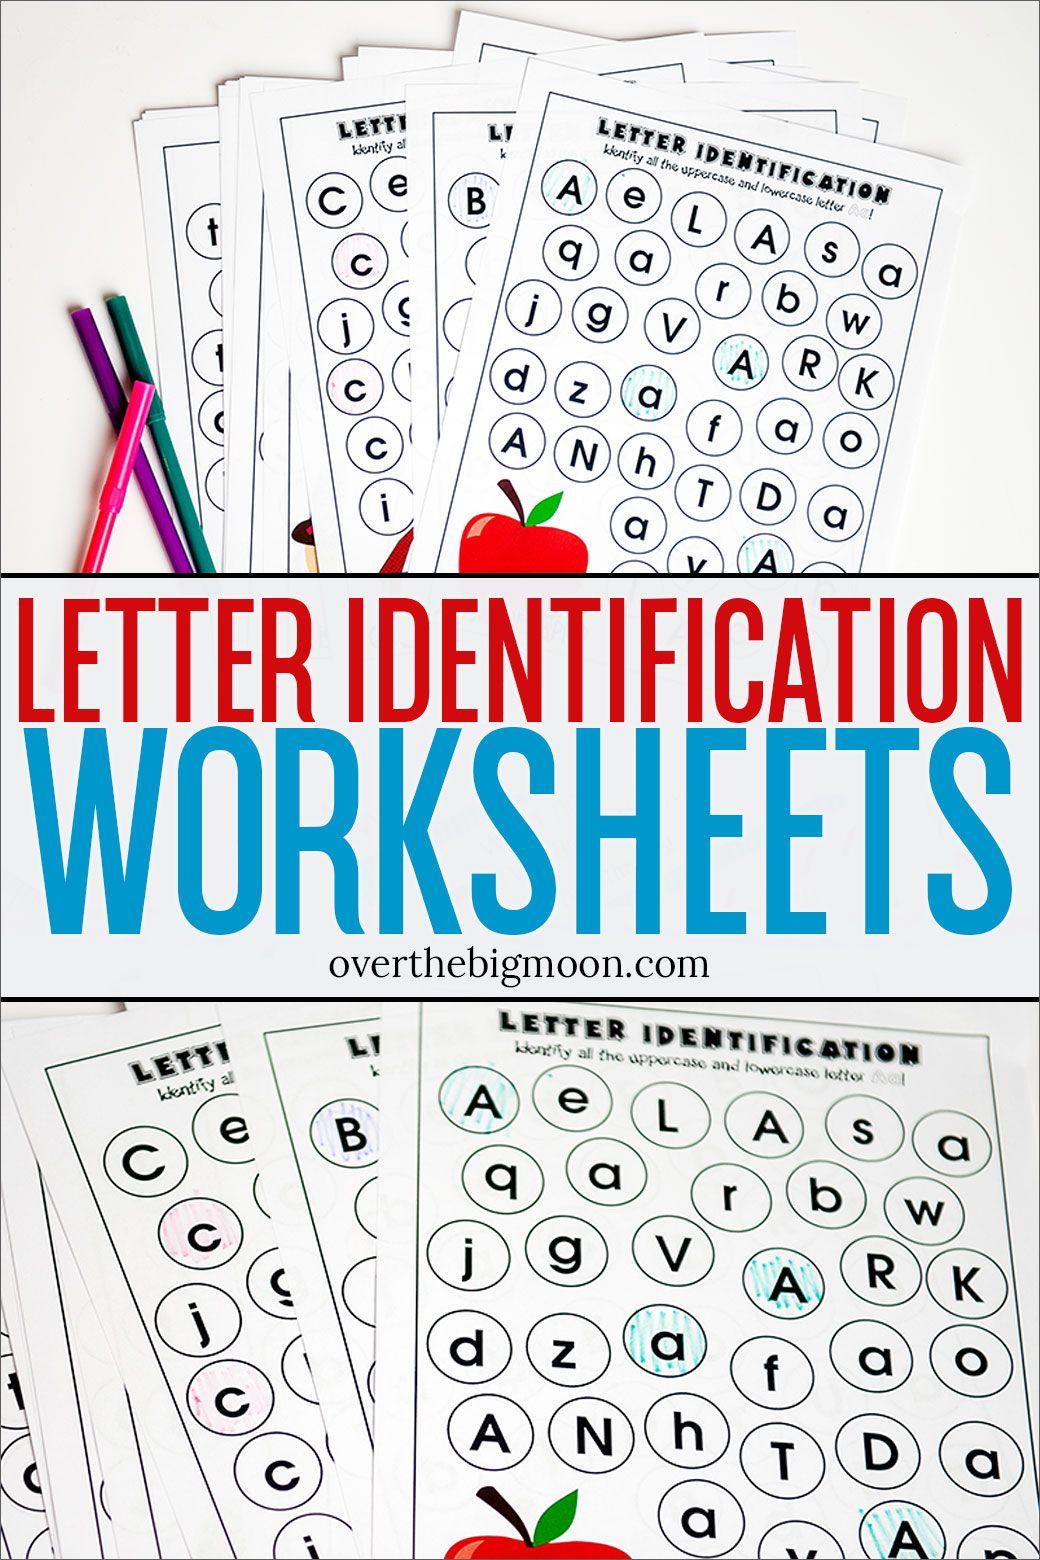 Letter Identification Printables Overthebigmoon Com Letter Recognition Worksheets Letter Identification Worksheets Letter Recognition Preschool